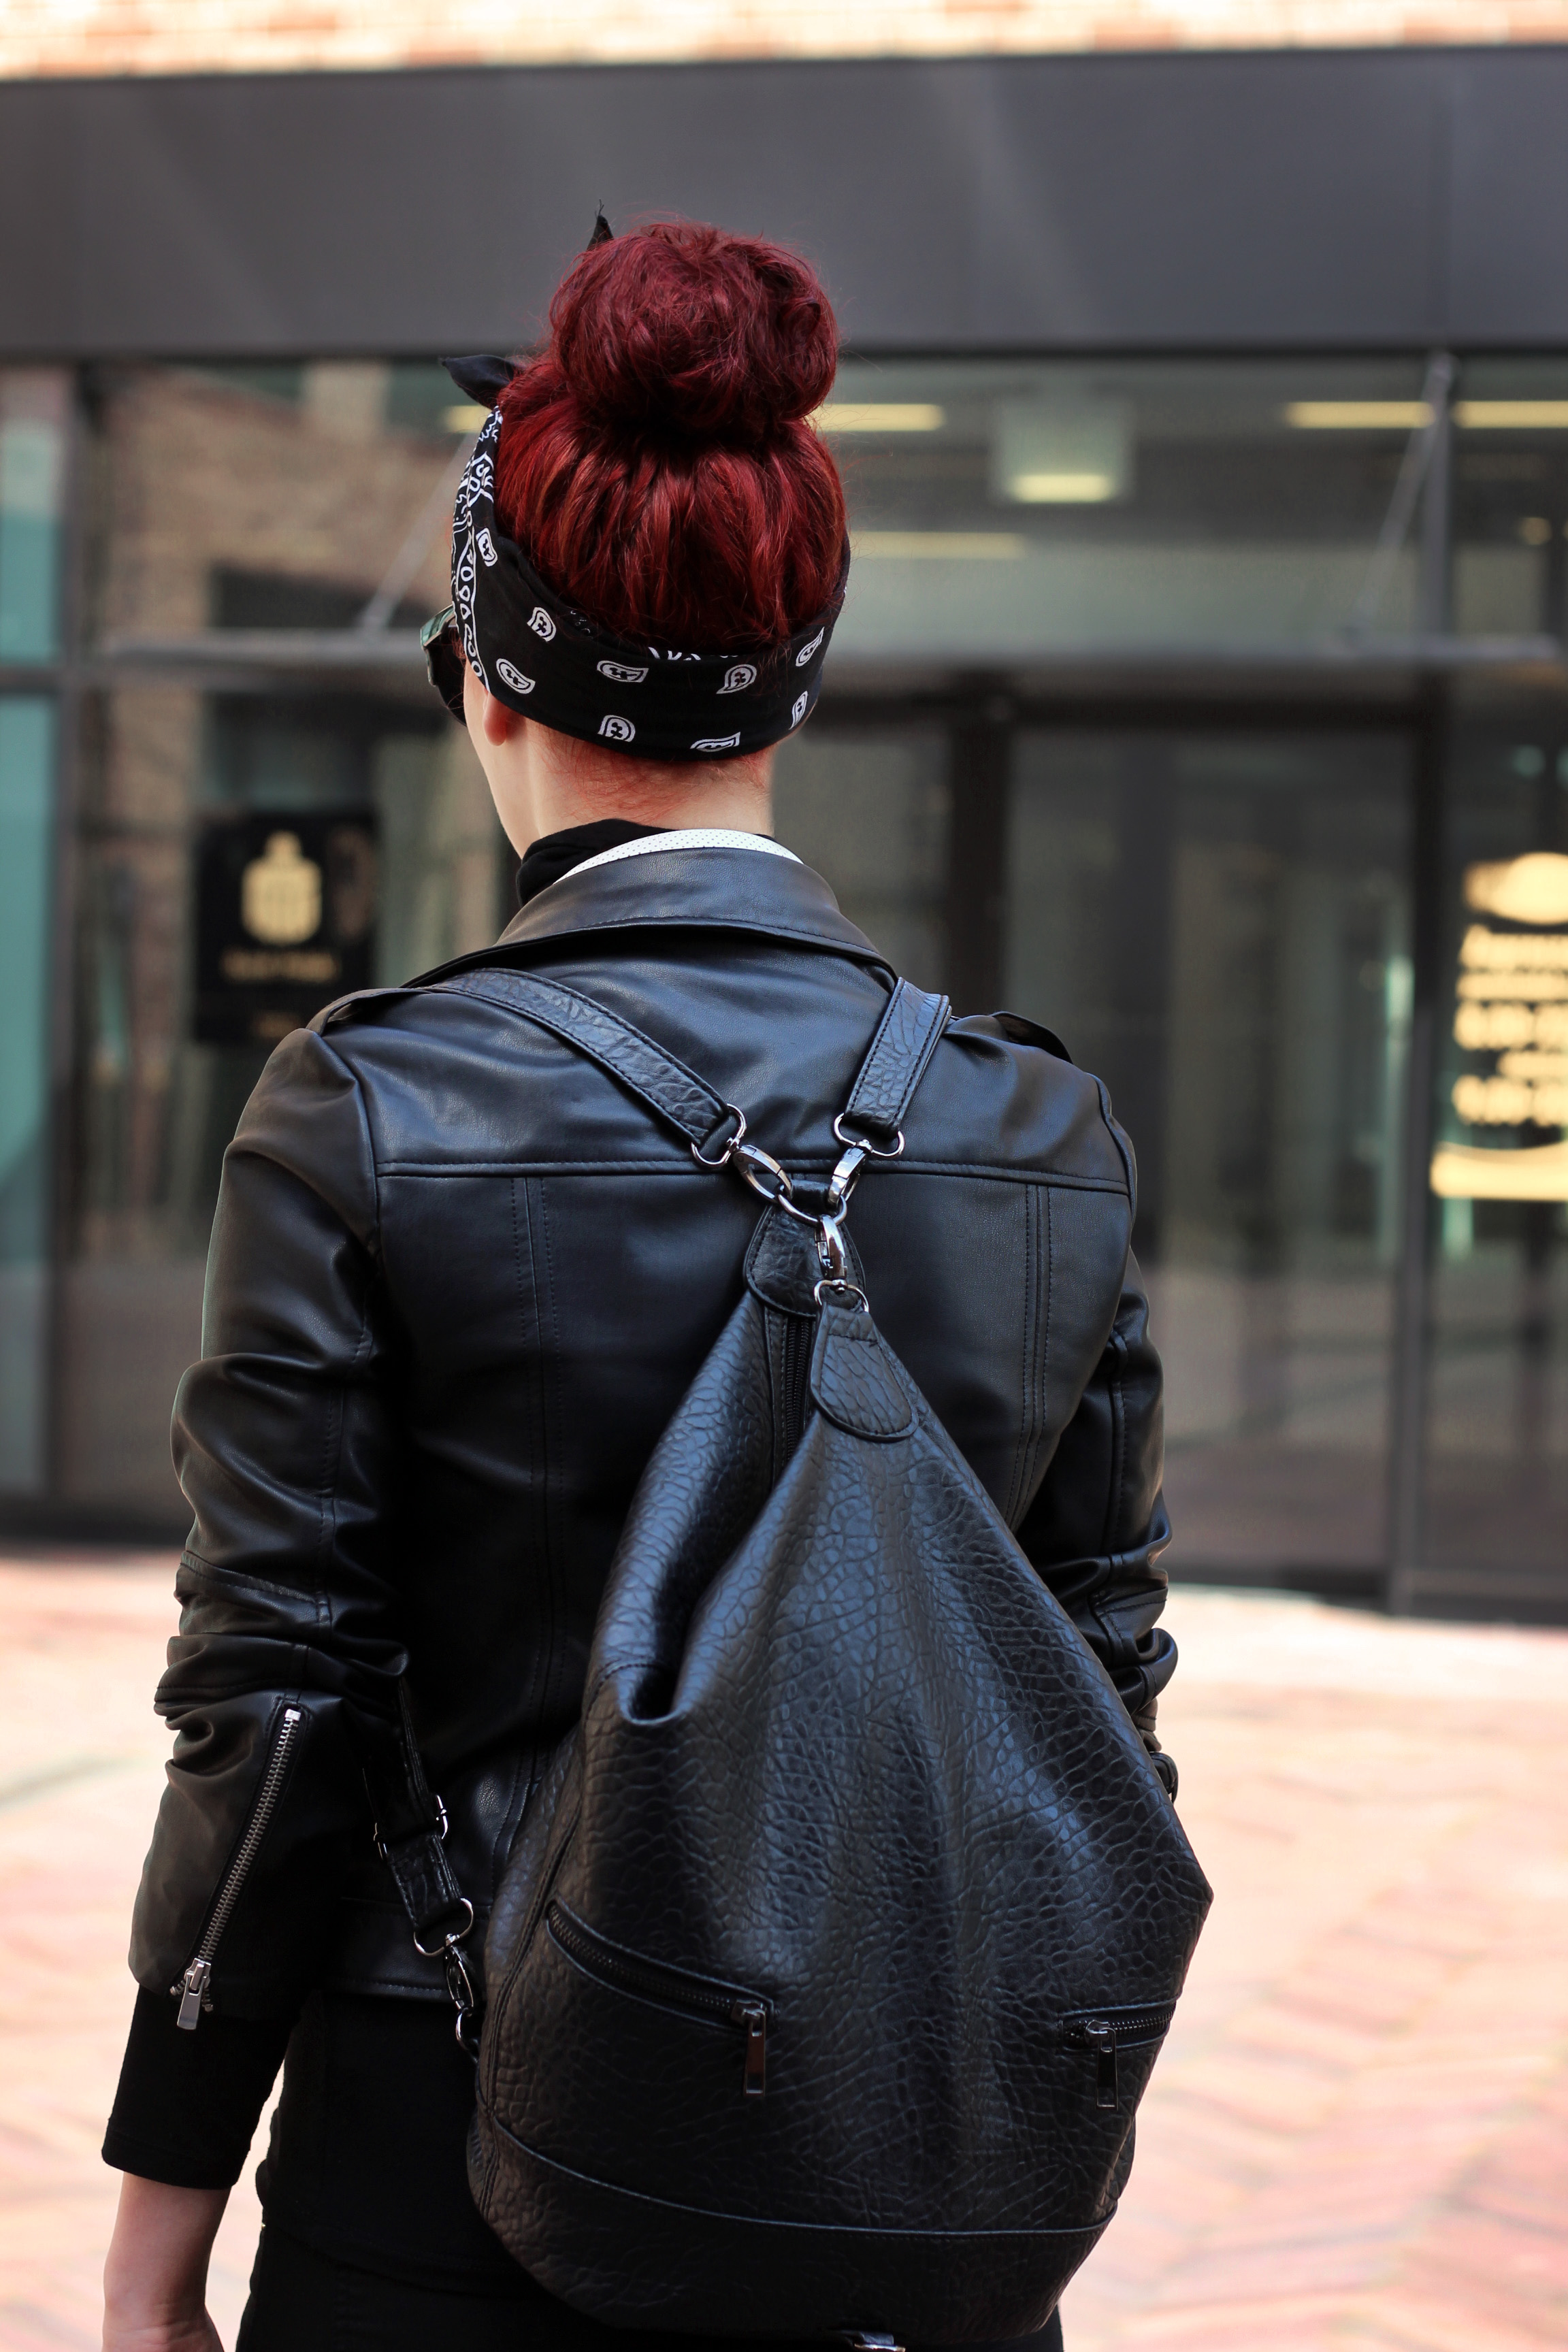 bandana & AF1 backpack